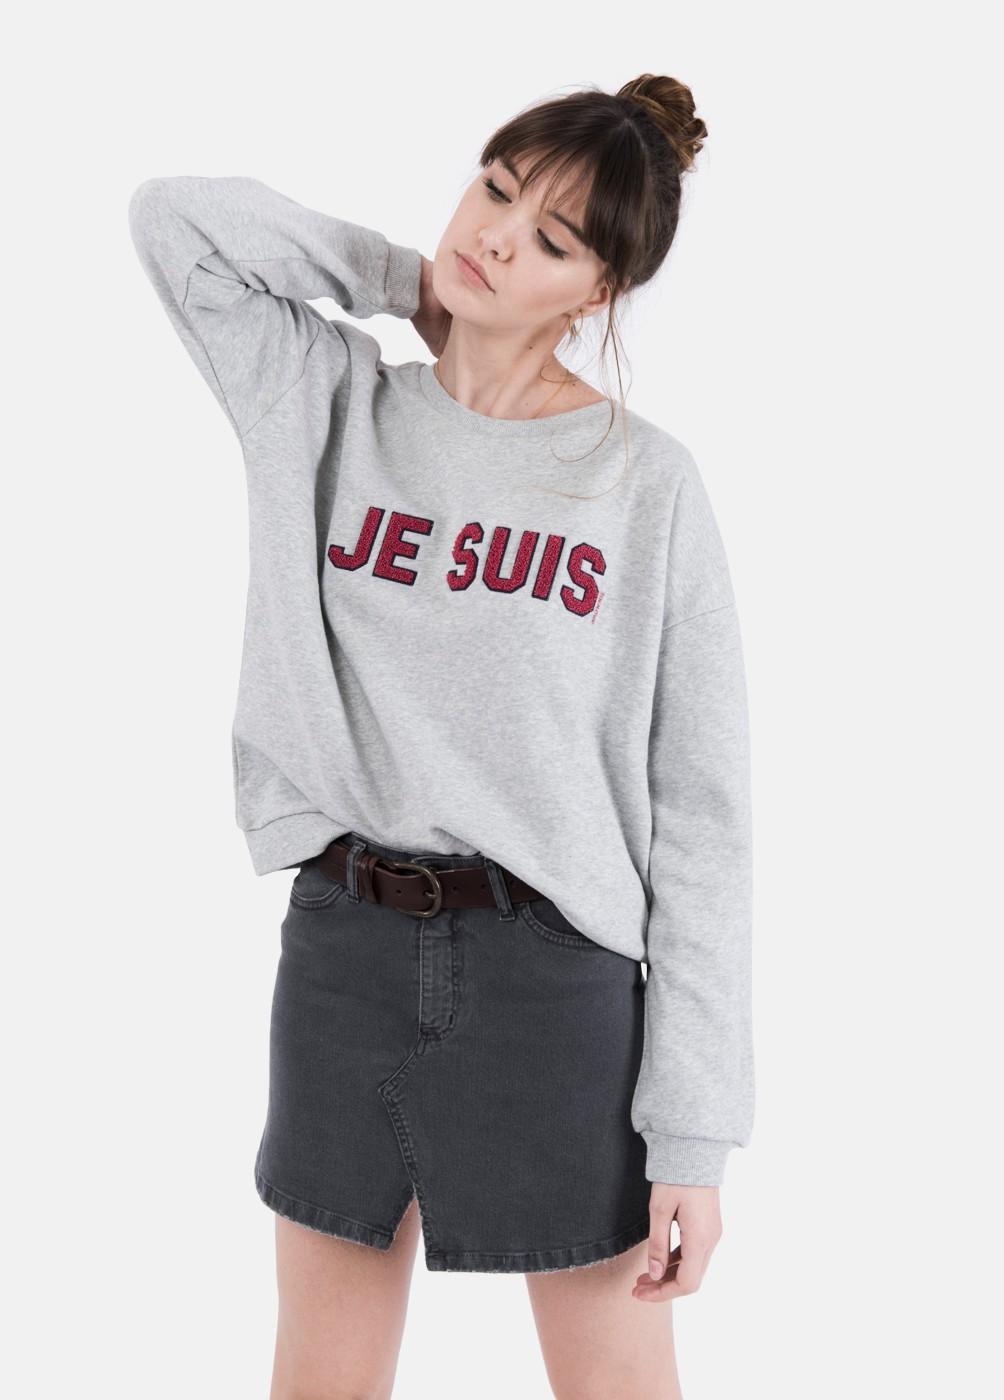 SUDADERA JE SUIS JESUIS